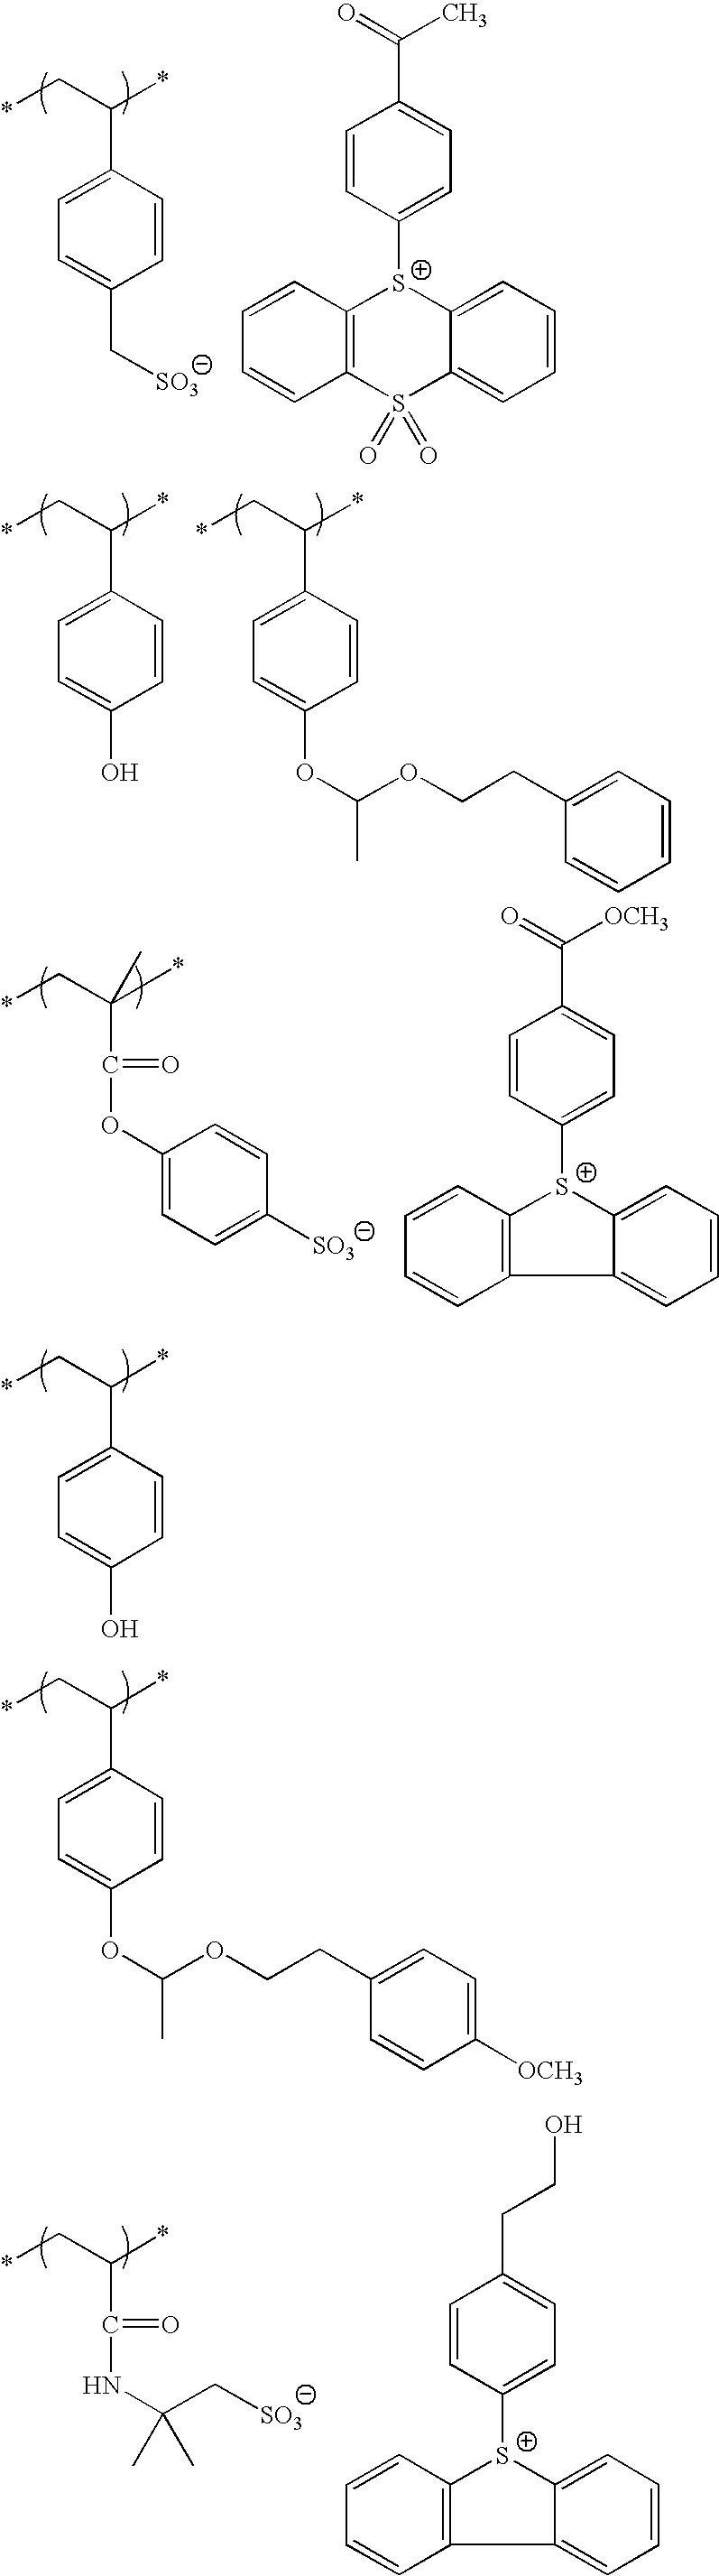 Figure US20100183975A1-20100722-C00155